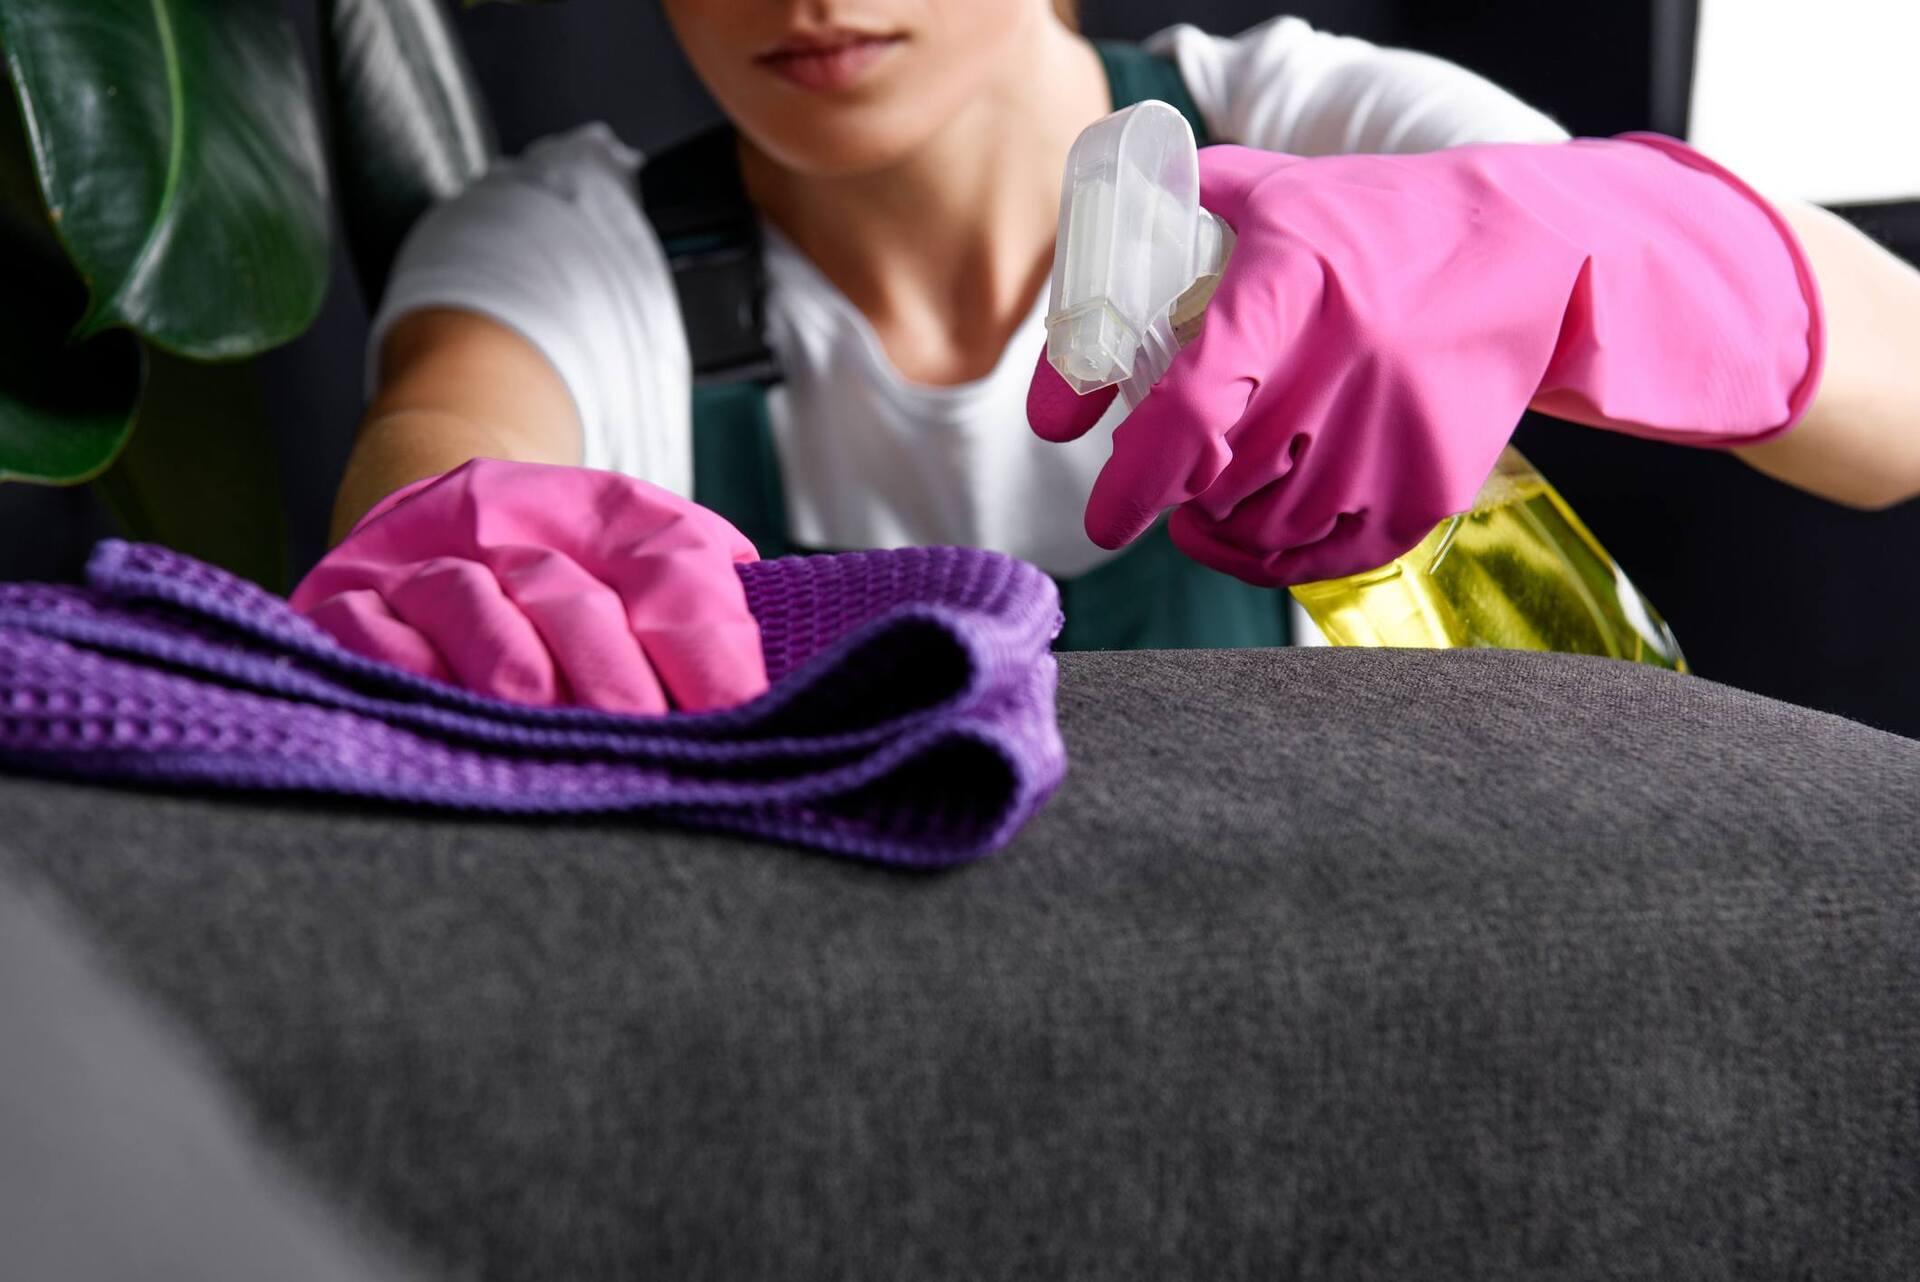 Mulher com borrifador e pano limpando sofá